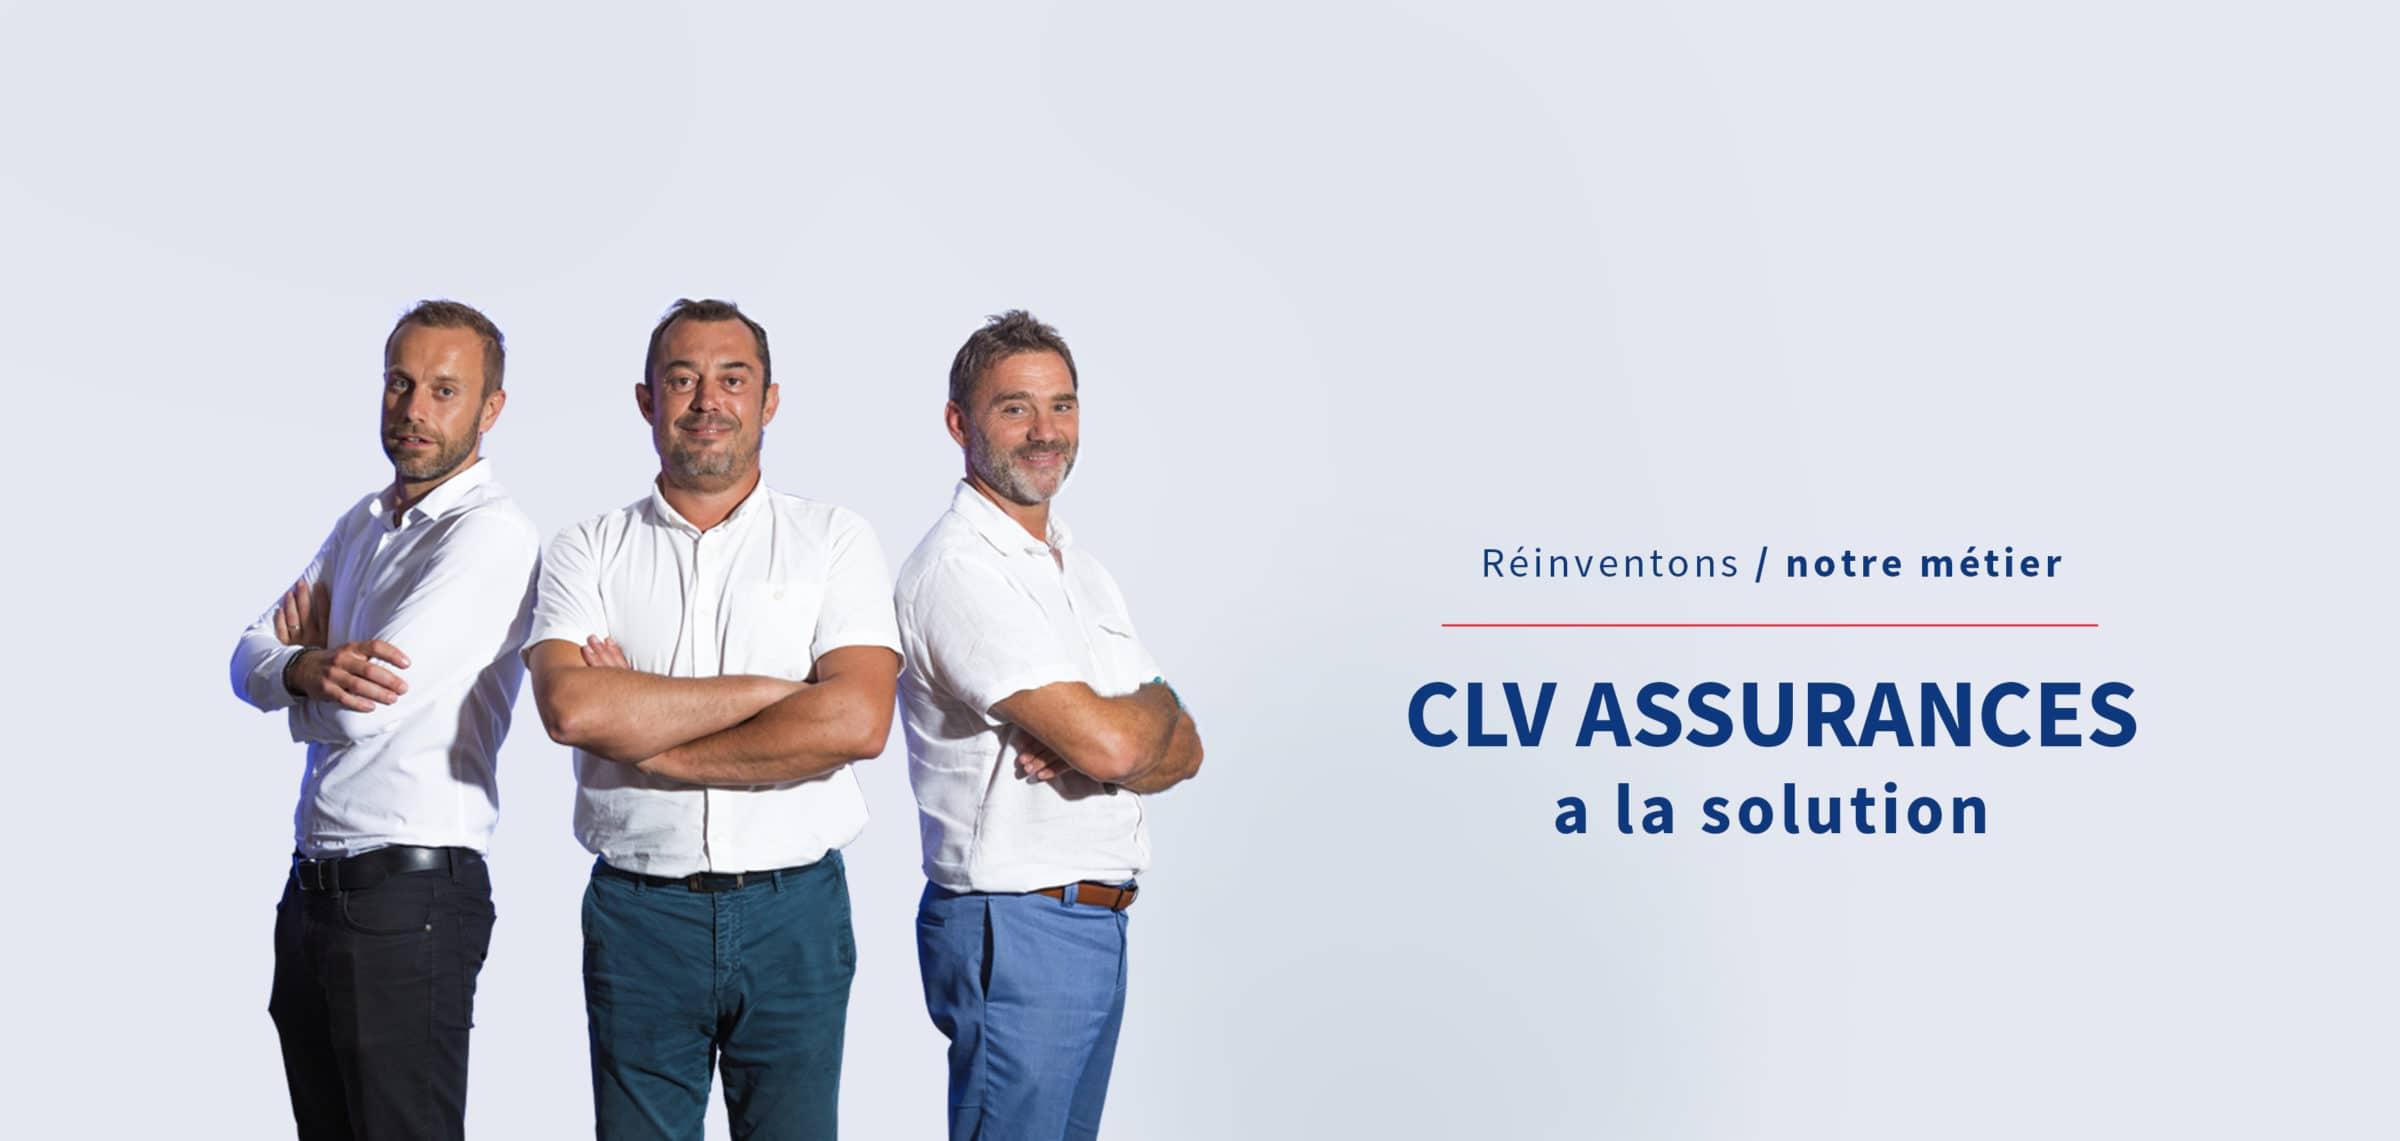 02-CLV-ASSURANCES-H